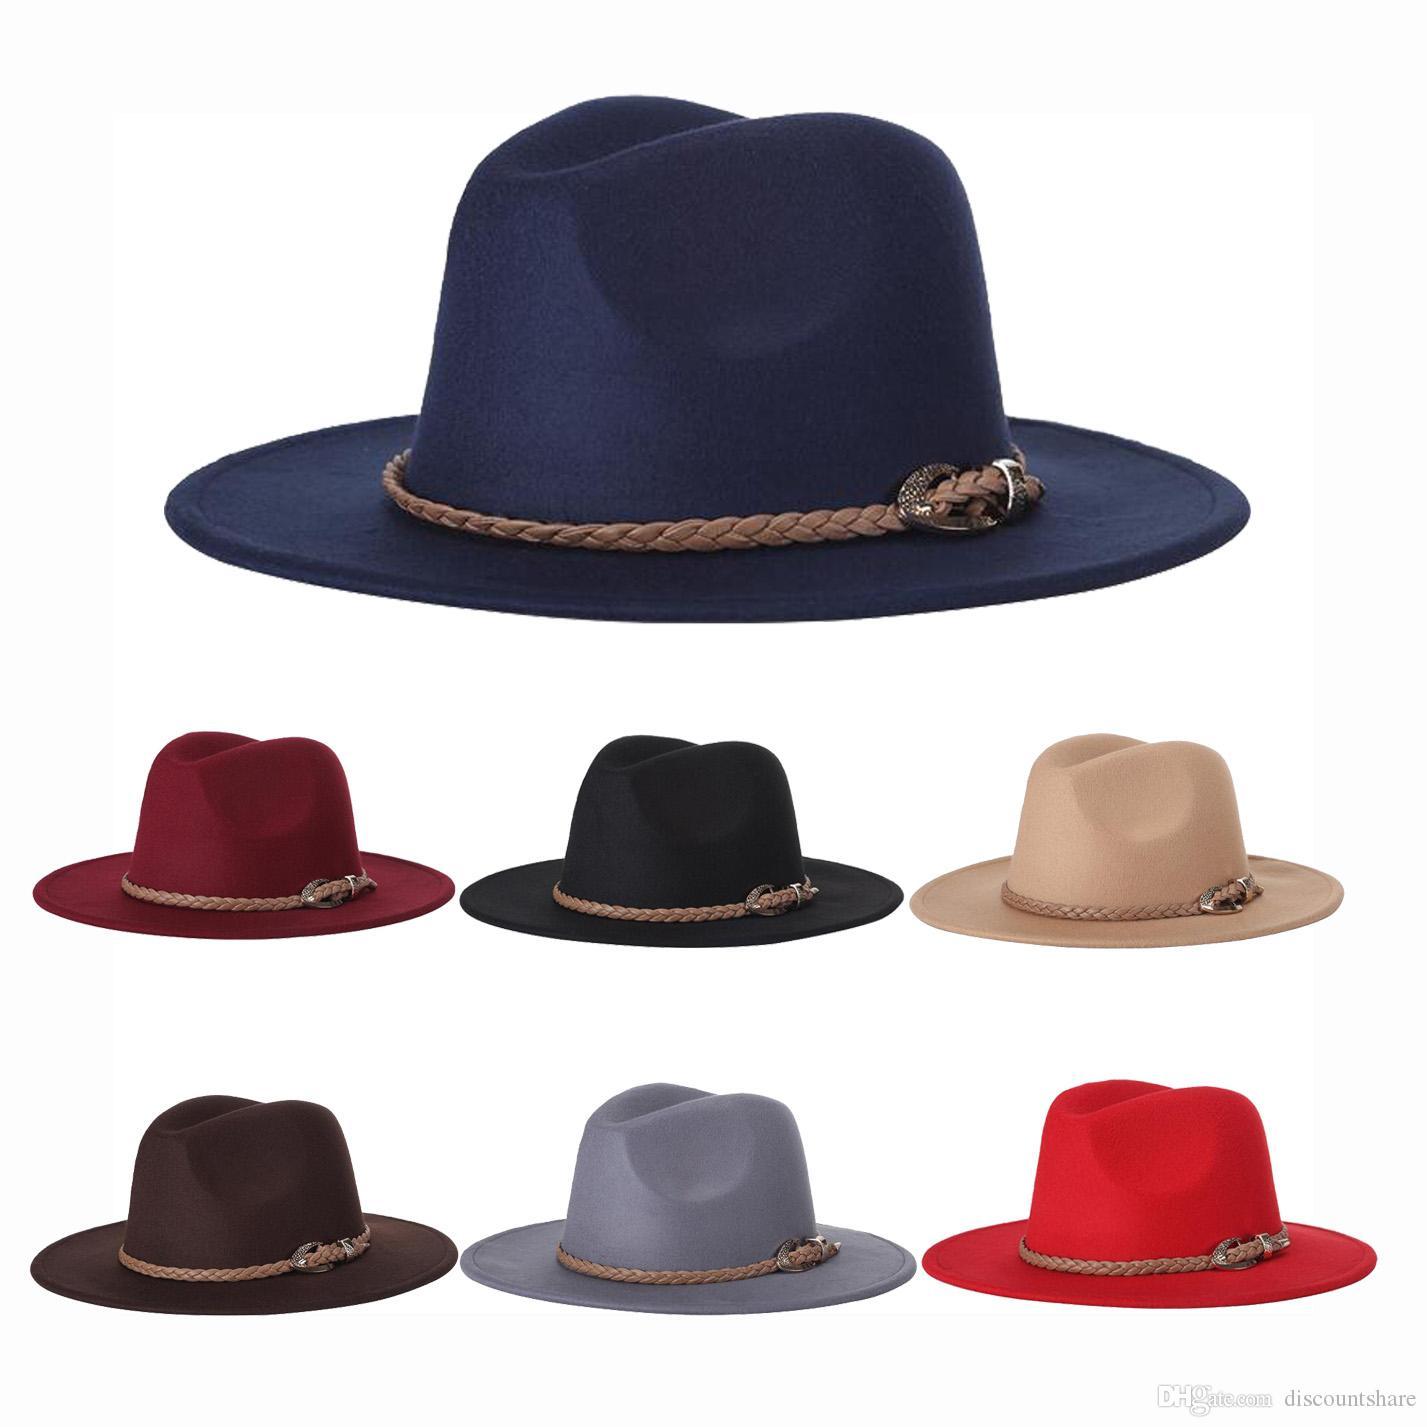 Acquista Cappellino Unisex In Feltro Di Lana Da Cowboy Con Visiera A  Treccia Larga Da Cowboy A  5.02 Dal Discountshare  46025cc605d0